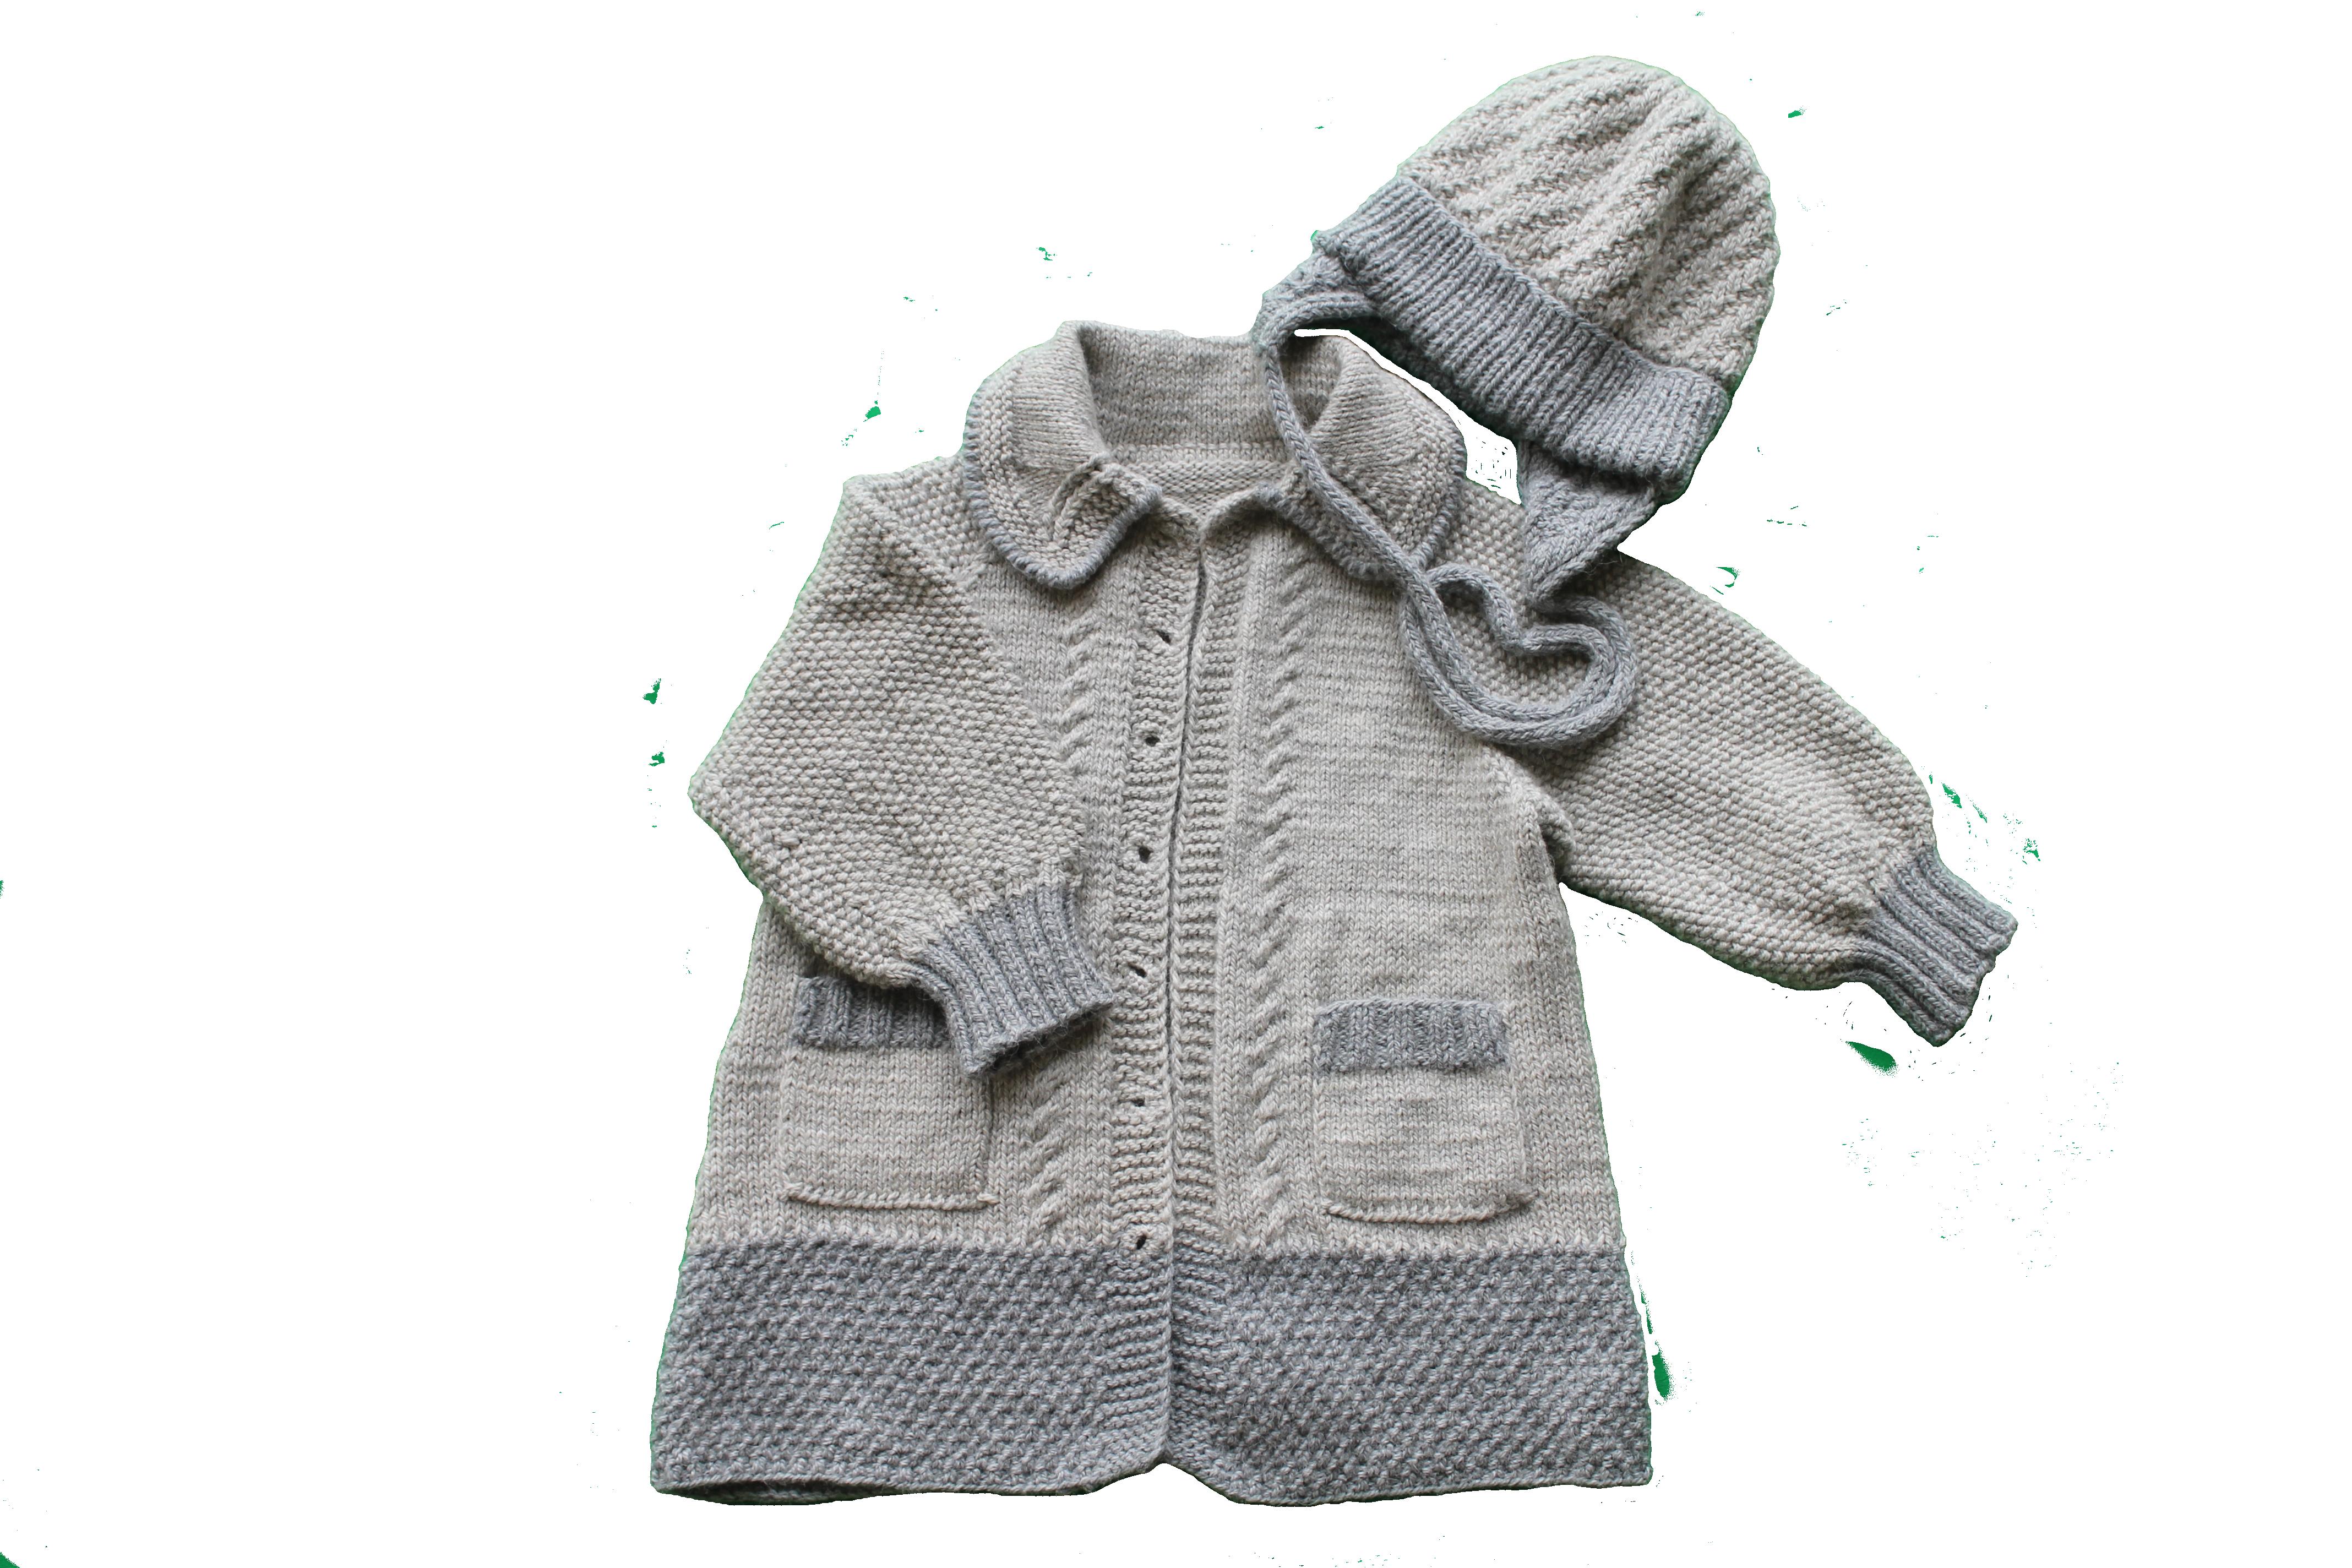 детей кардиган зиму одежда серый женский шапка для комплект выписку девочки детская купить новорожденных вязаный годик